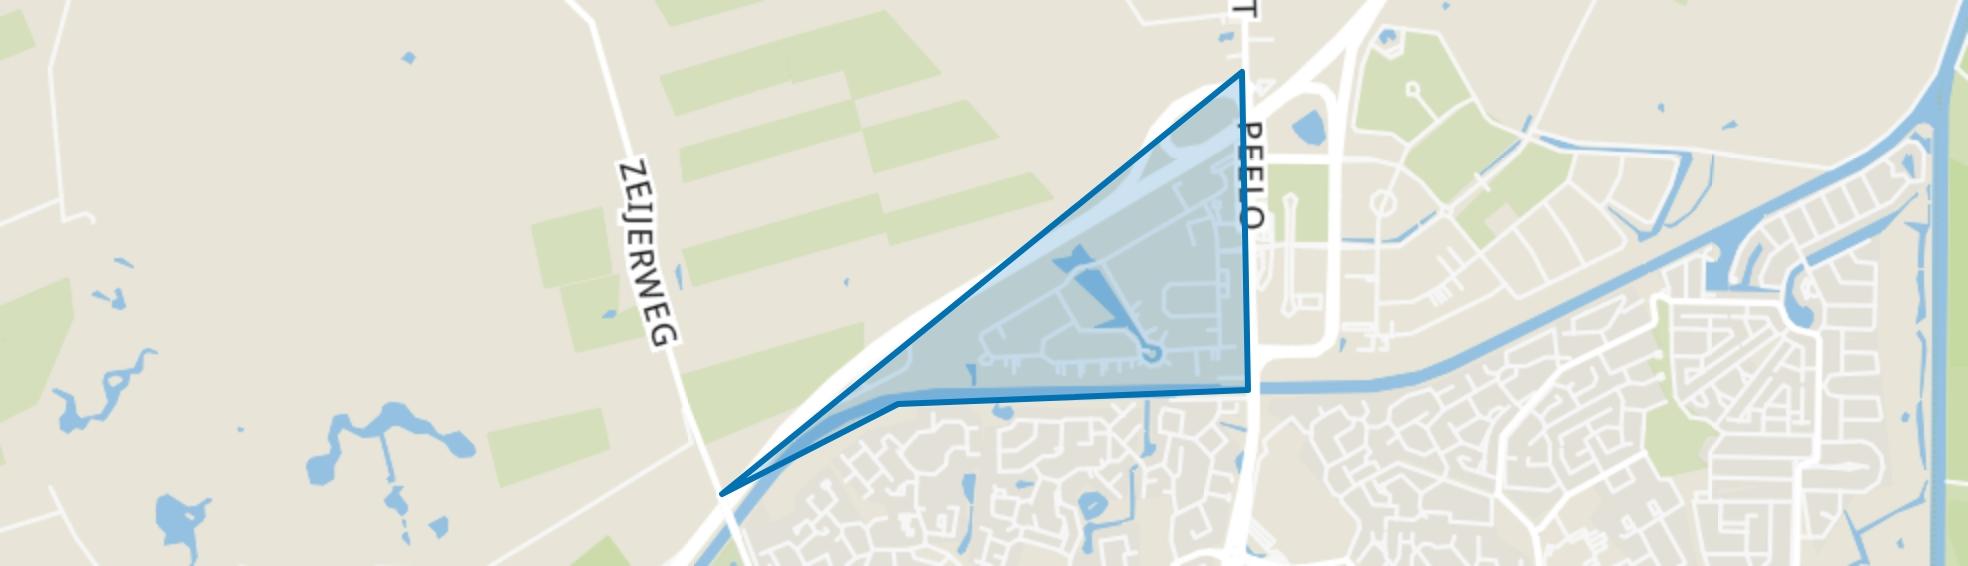 Peelerpark, Assen map